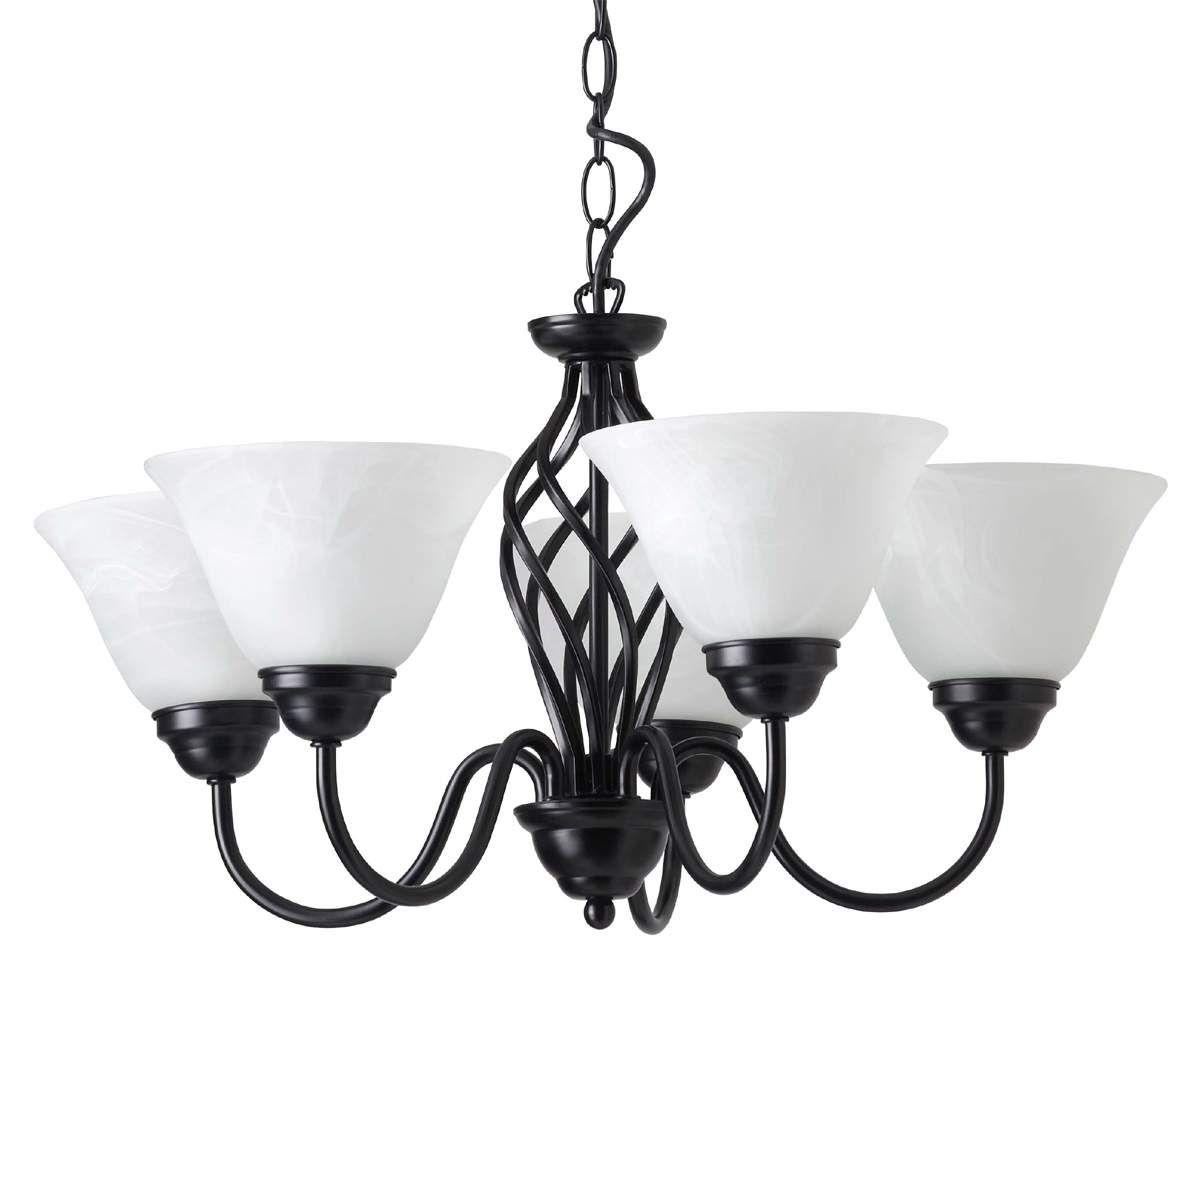 Deckenleuchte Corentin 5-fl Deckenlampe Klassisch Lampenwelt Esszimmer Leuchte